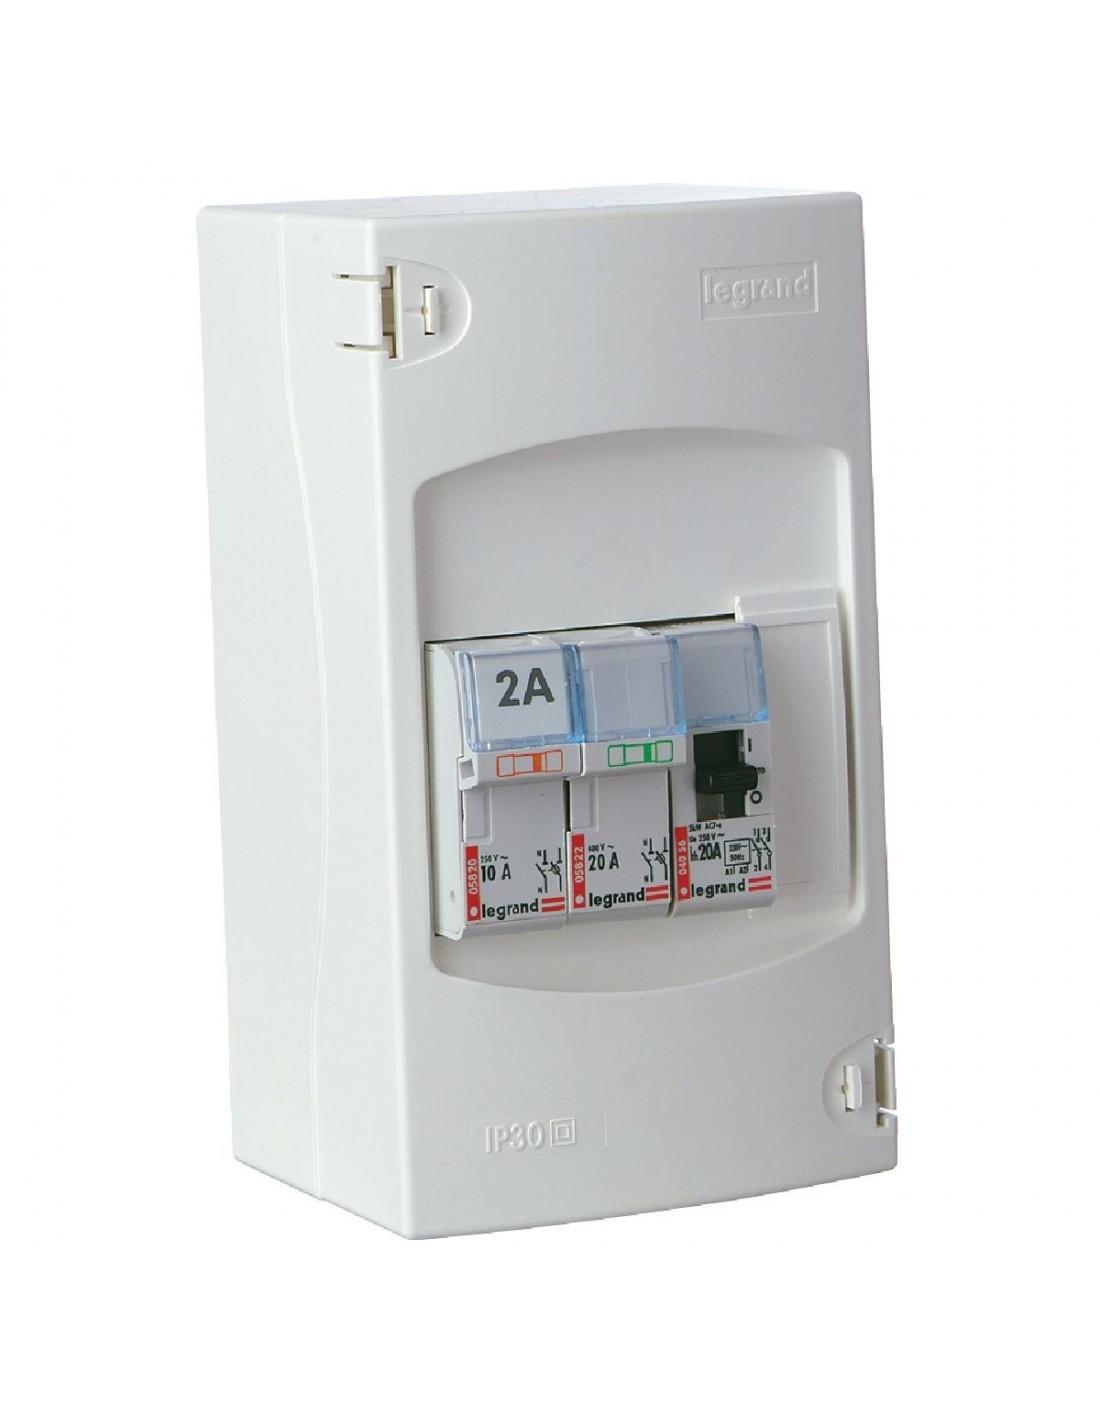 Tableau lectrique de commande automatique de chauffe eau for Tableau electrique cuisine